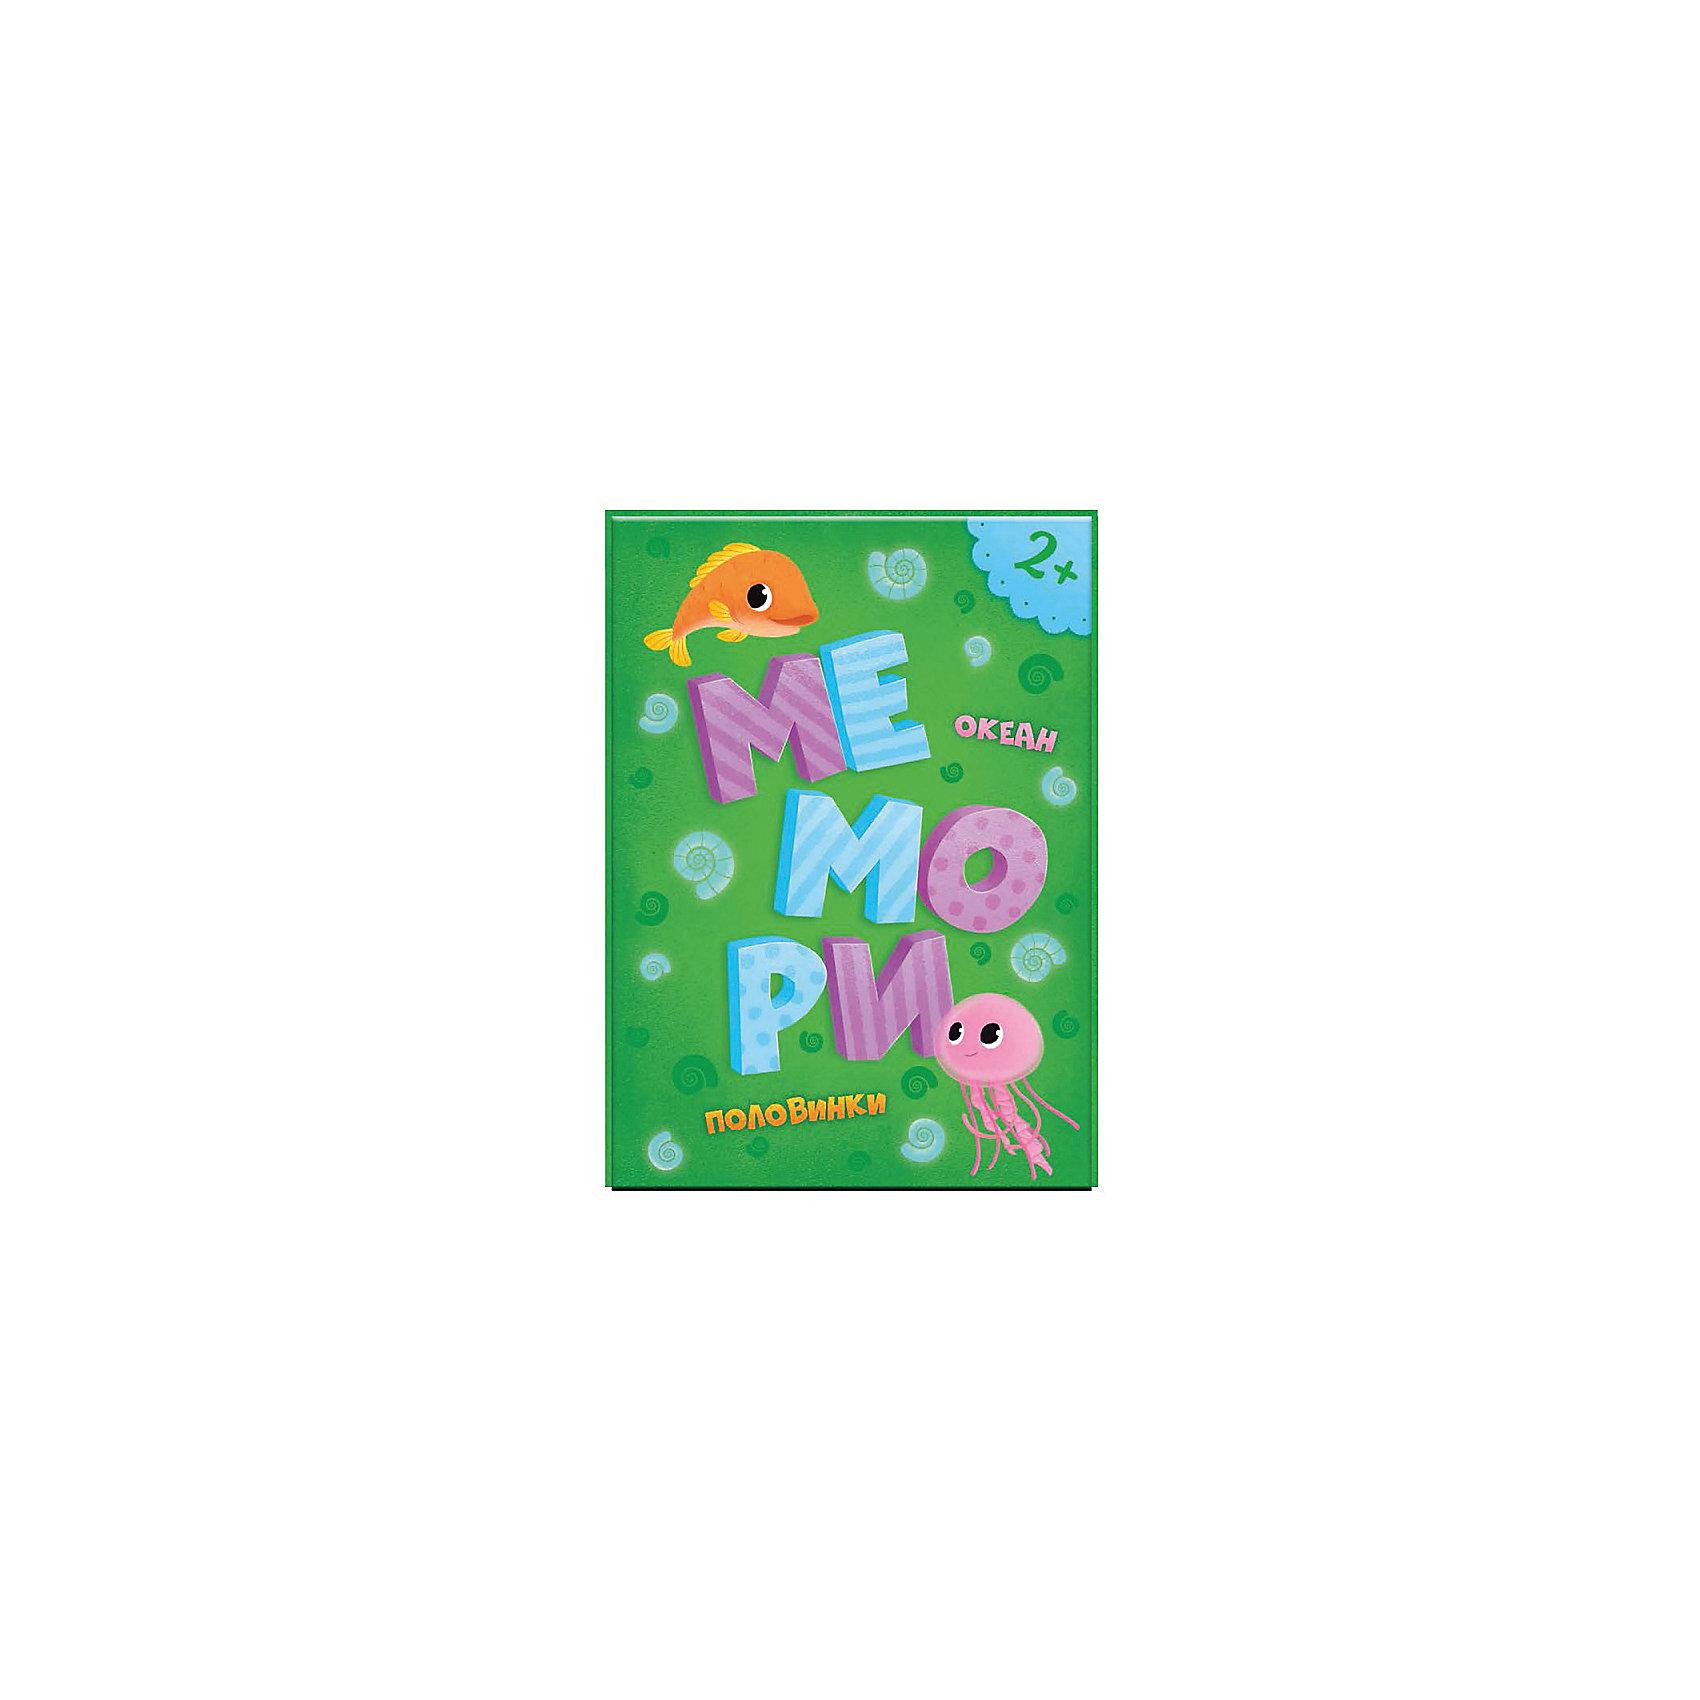 Мемори для малышей Океан: Половинки, 31 карточкаИгры мемо<br>Характеристики:<br><br>• возраст: от 2 лет<br>• в наборе: 30 карточек с изображениями половинок обитателей океана, 1 карточка для родителей<br>• издательство: ГеоДом<br>• иллюстрации: цветные<br>• упаковка: картонная коробка с европодвесом<br>• размер: 16,7х10,2х1,3 см.<br>• вес: 144 гр.<br>• ISBN: 4607177454184<br><br>«Мемори» — весёлый и интересный способ тренировать память и внимание. Ребёнок, отыскивая среди ярких и красивых карточек подходящую пару, развивает своё цветовое восприятие, логическое и ассоциативное мышление.<br><br>Мемори для малышей Океан: Половинки, 31 карточка можно купить в нашем интернет-магазине.<br><br>Ширина мм: 100<br>Глубина мм: 140<br>Высота мм: 60<br>Вес г: 143<br>Возраст от месяцев: 24<br>Возраст до месяцев: 2147483647<br>Пол: Унисекс<br>Возраст: Детский<br>SKU: 6845934